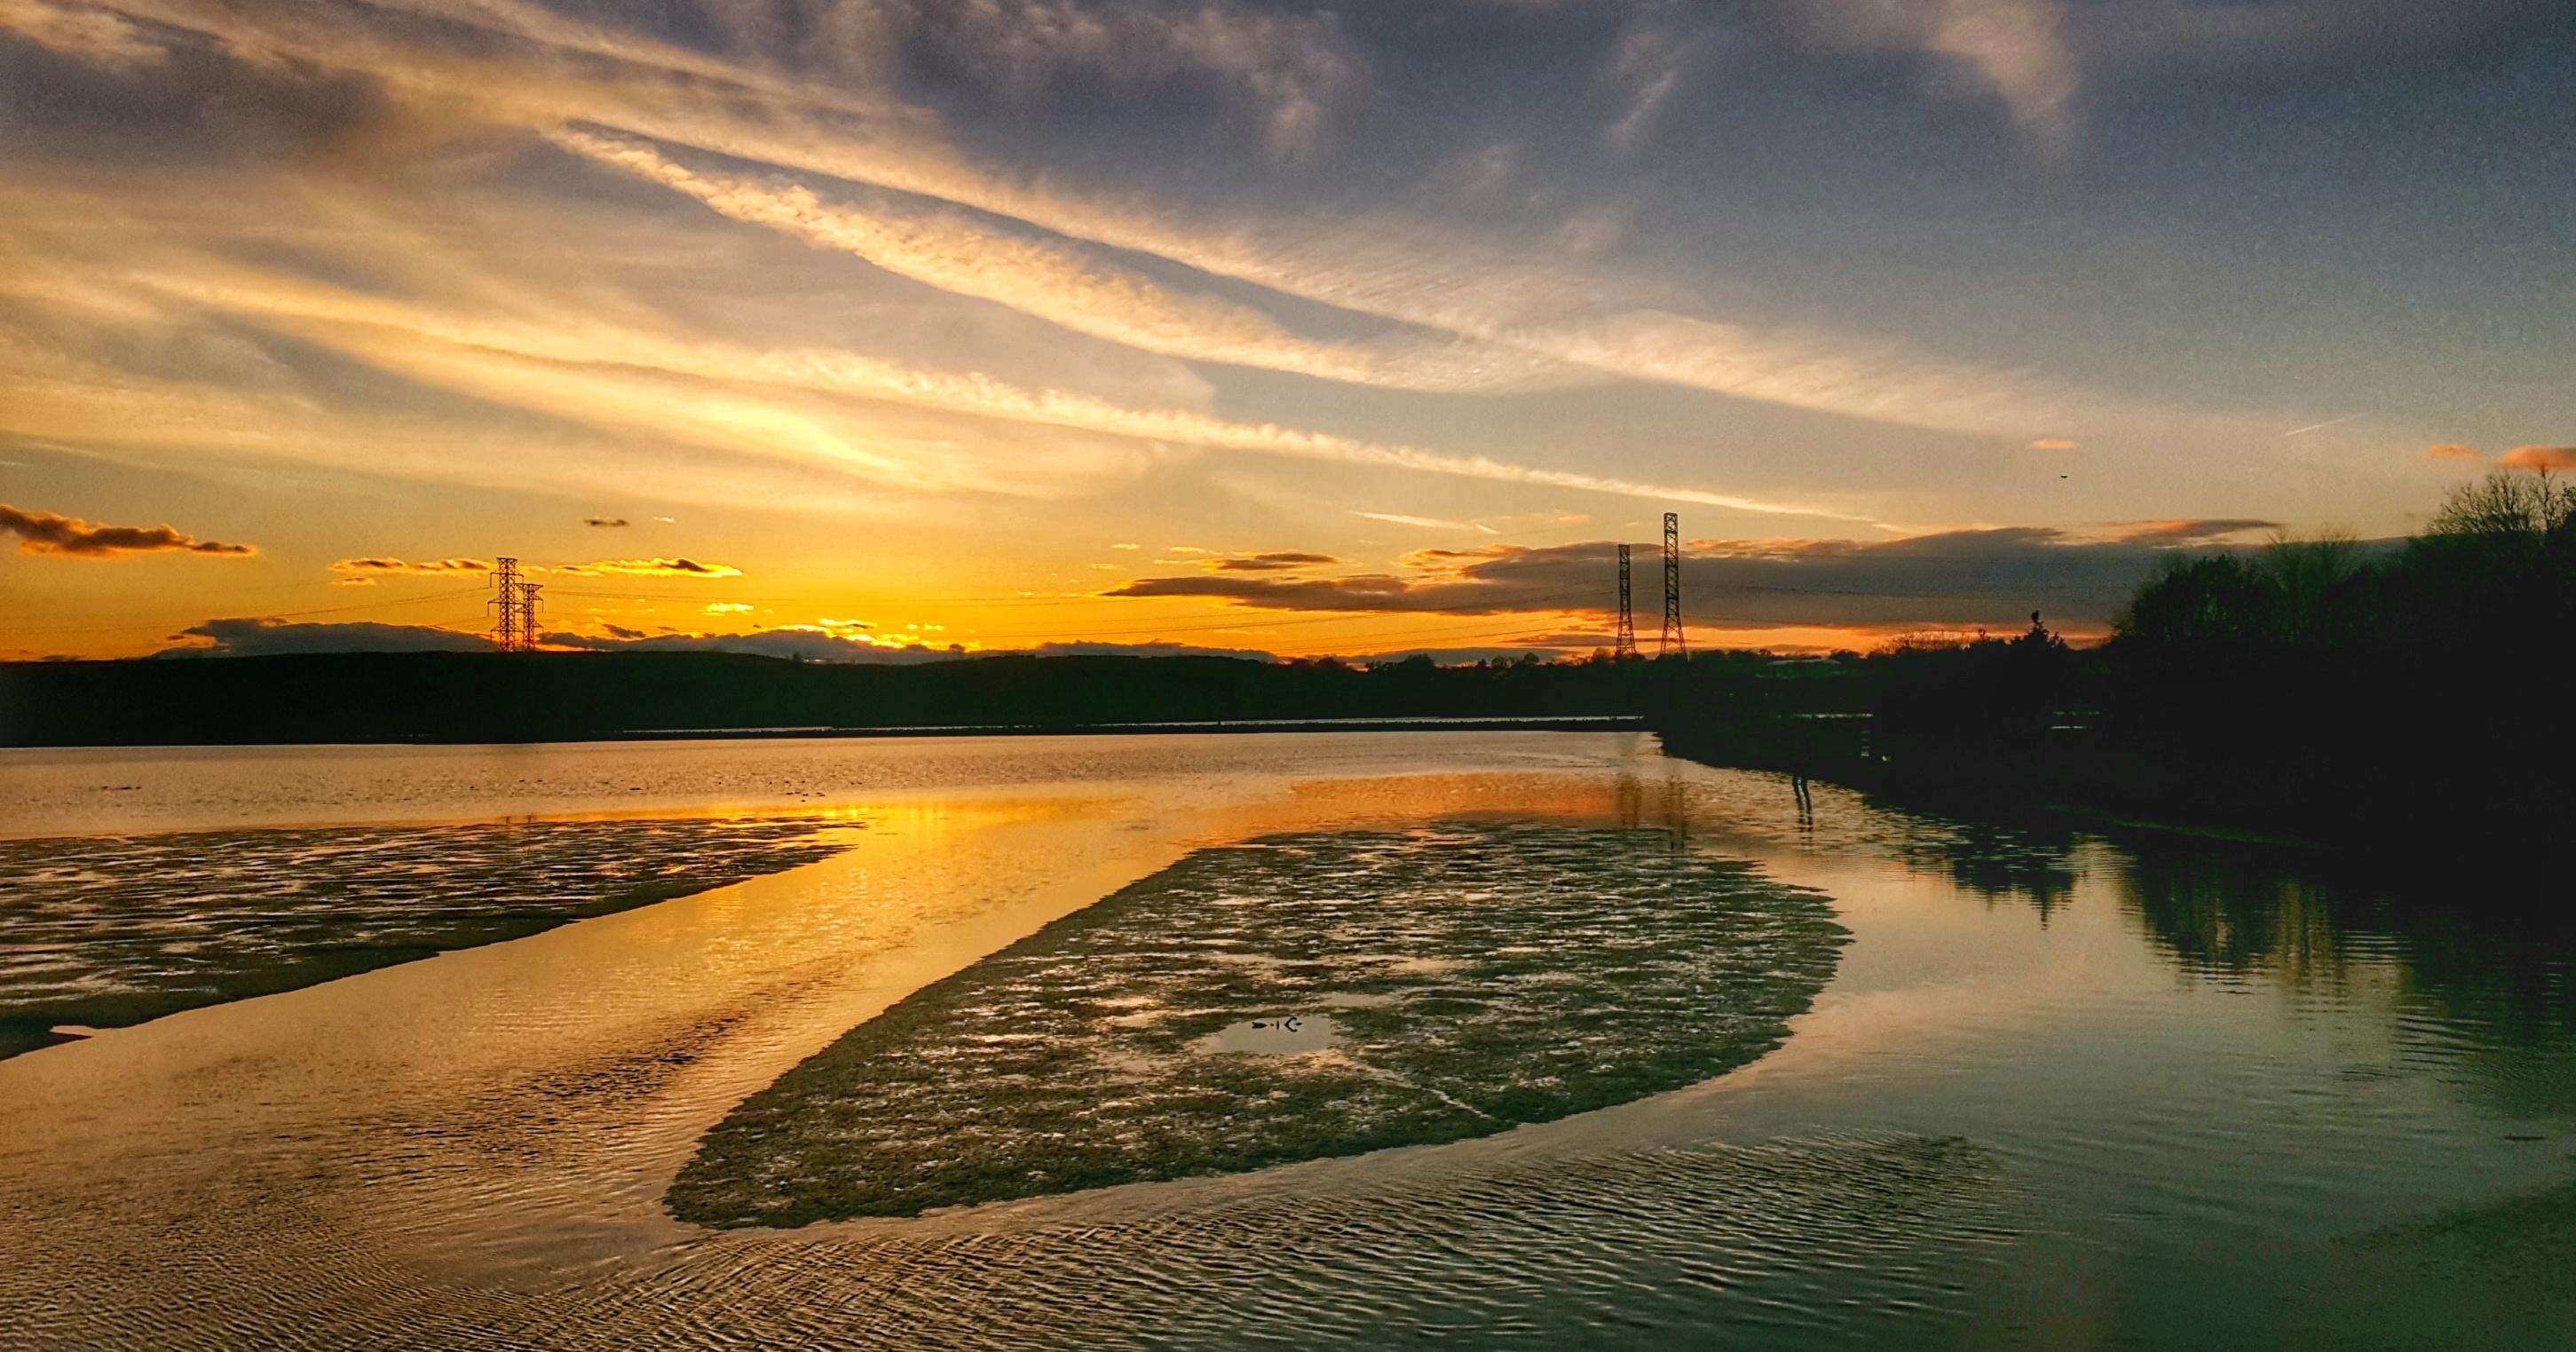 sunset6-takacs-11-16